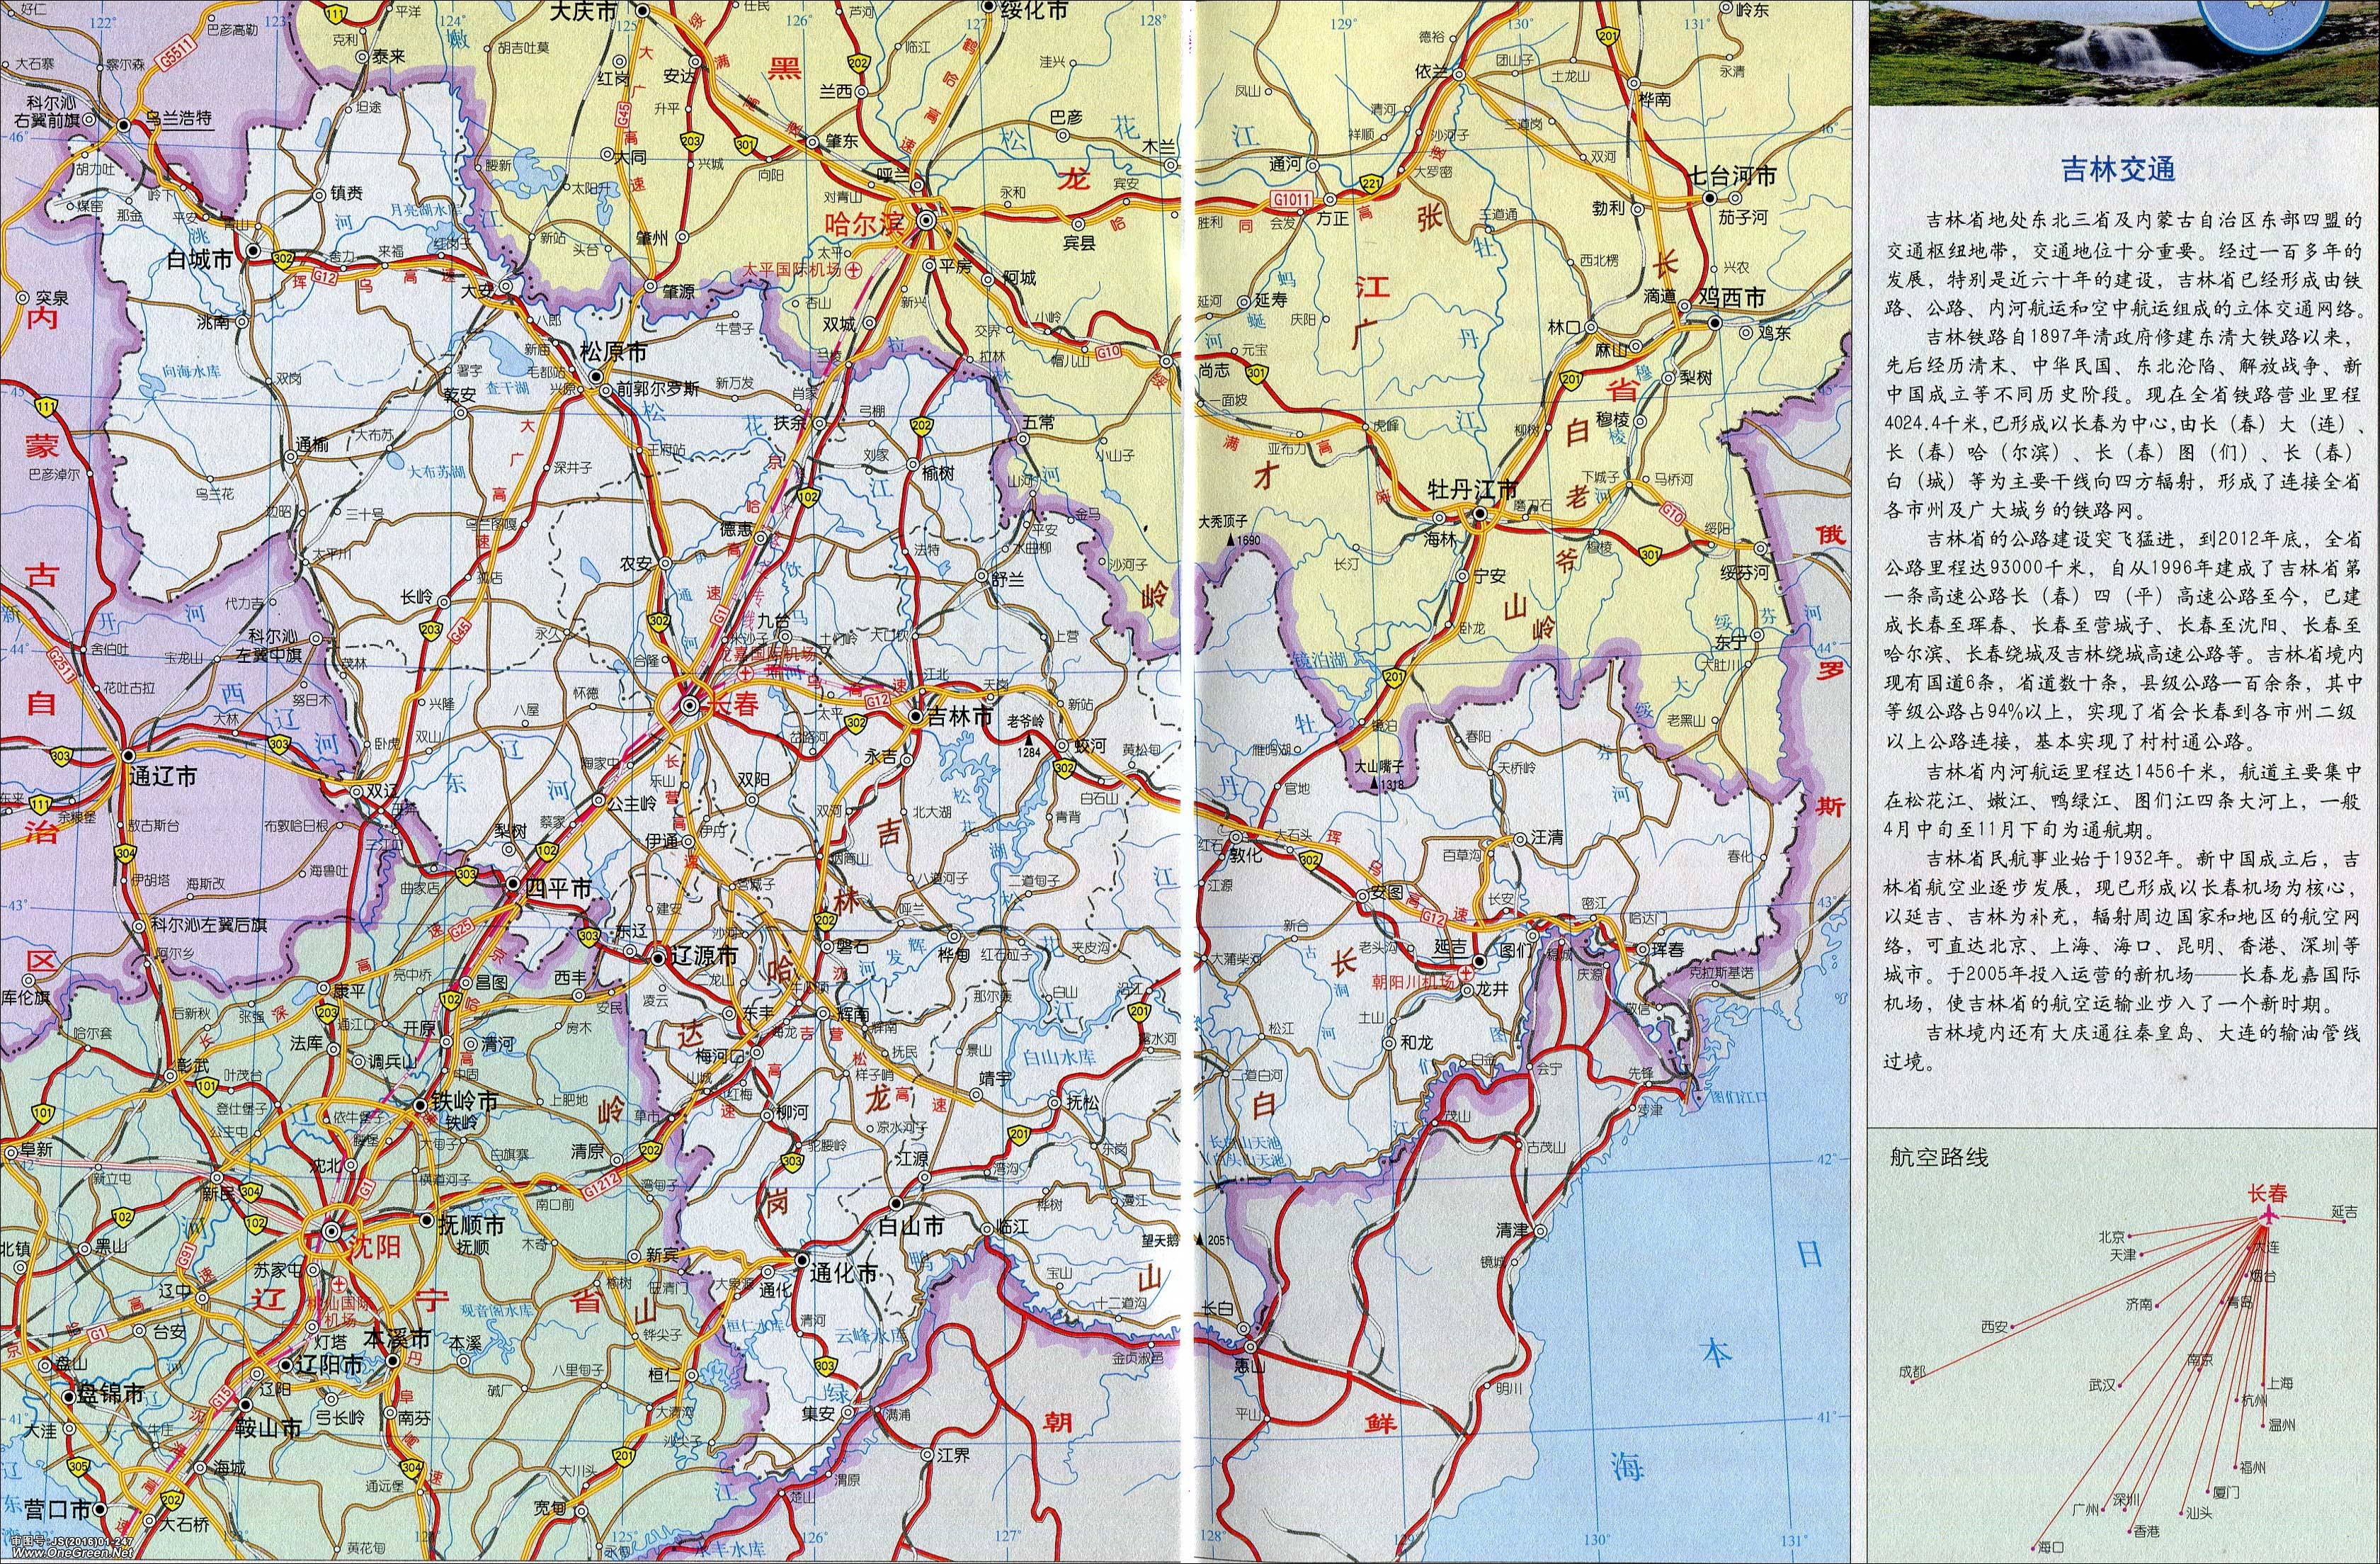 吉林旅游交通地图